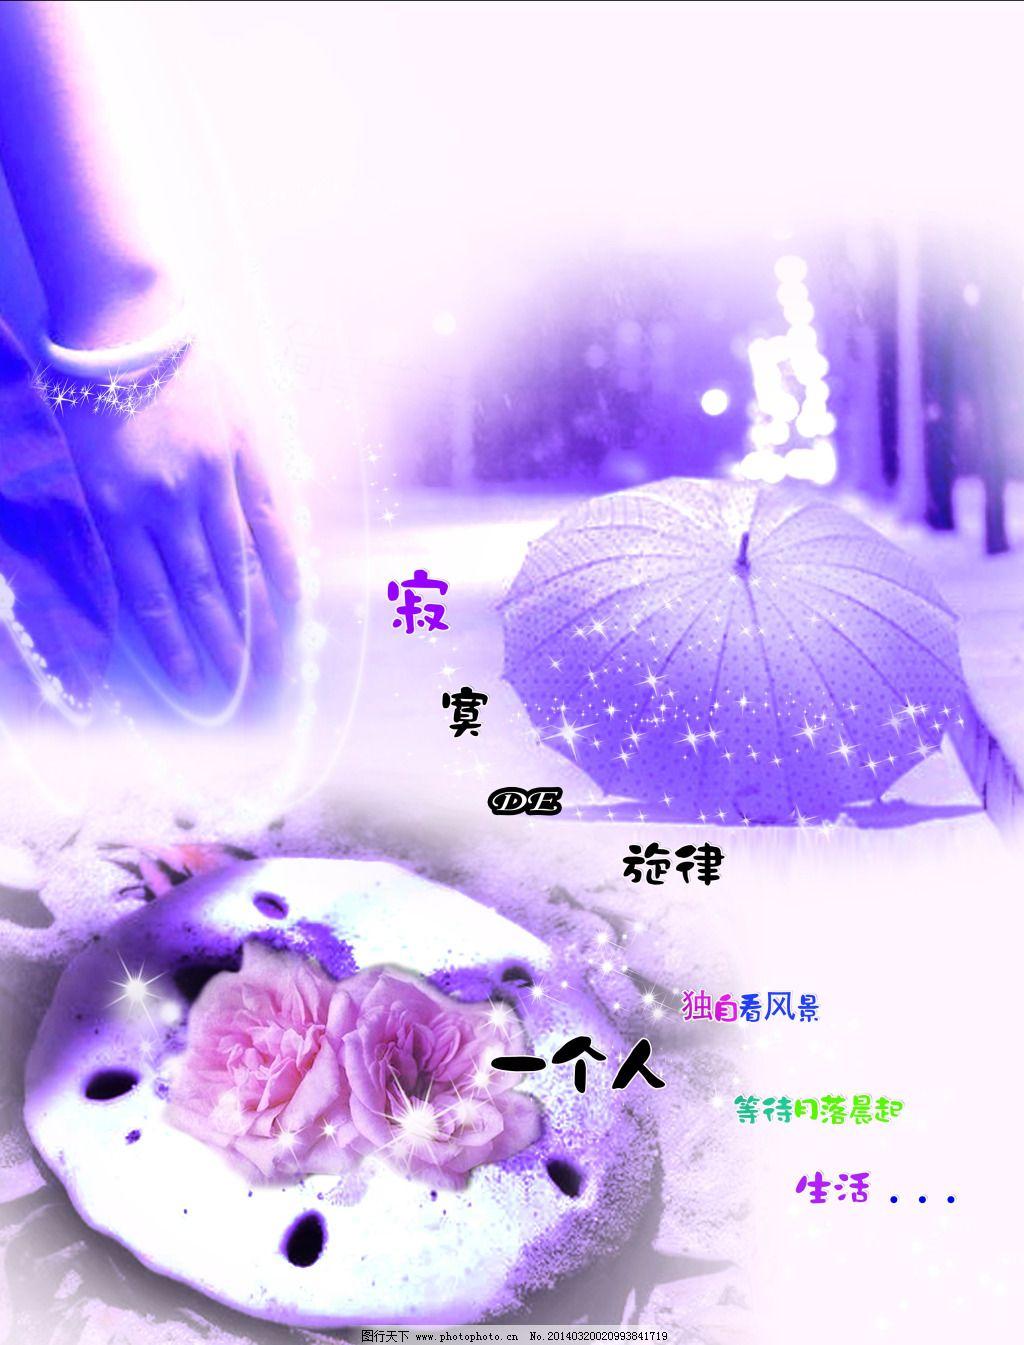 伤感 文字 雨伞 紫色非主流 文字 带字 唯美文字 非主流文字 雨伞